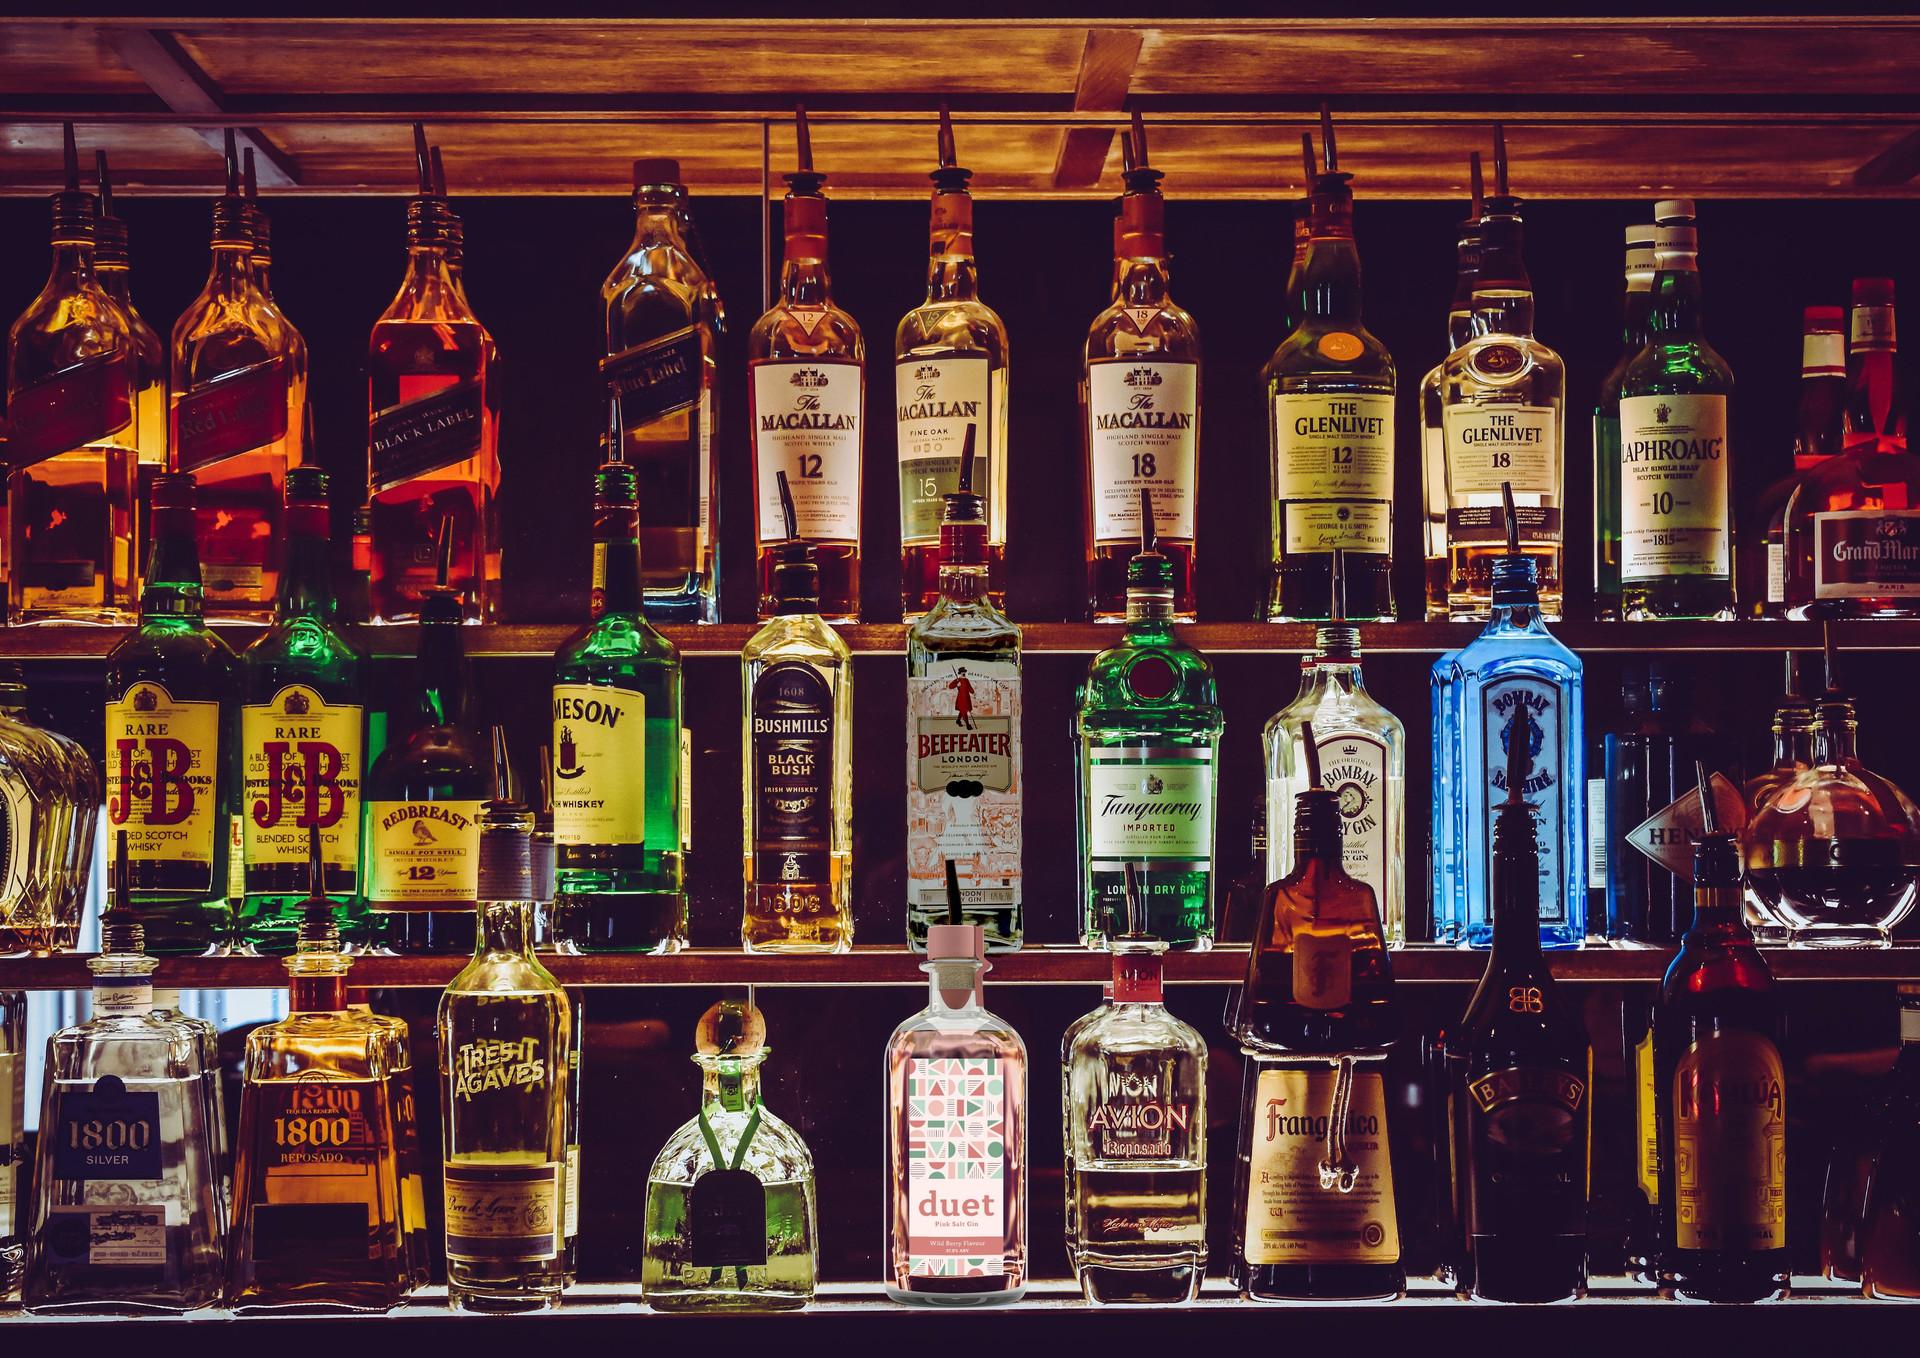 Duet Gin.jpg